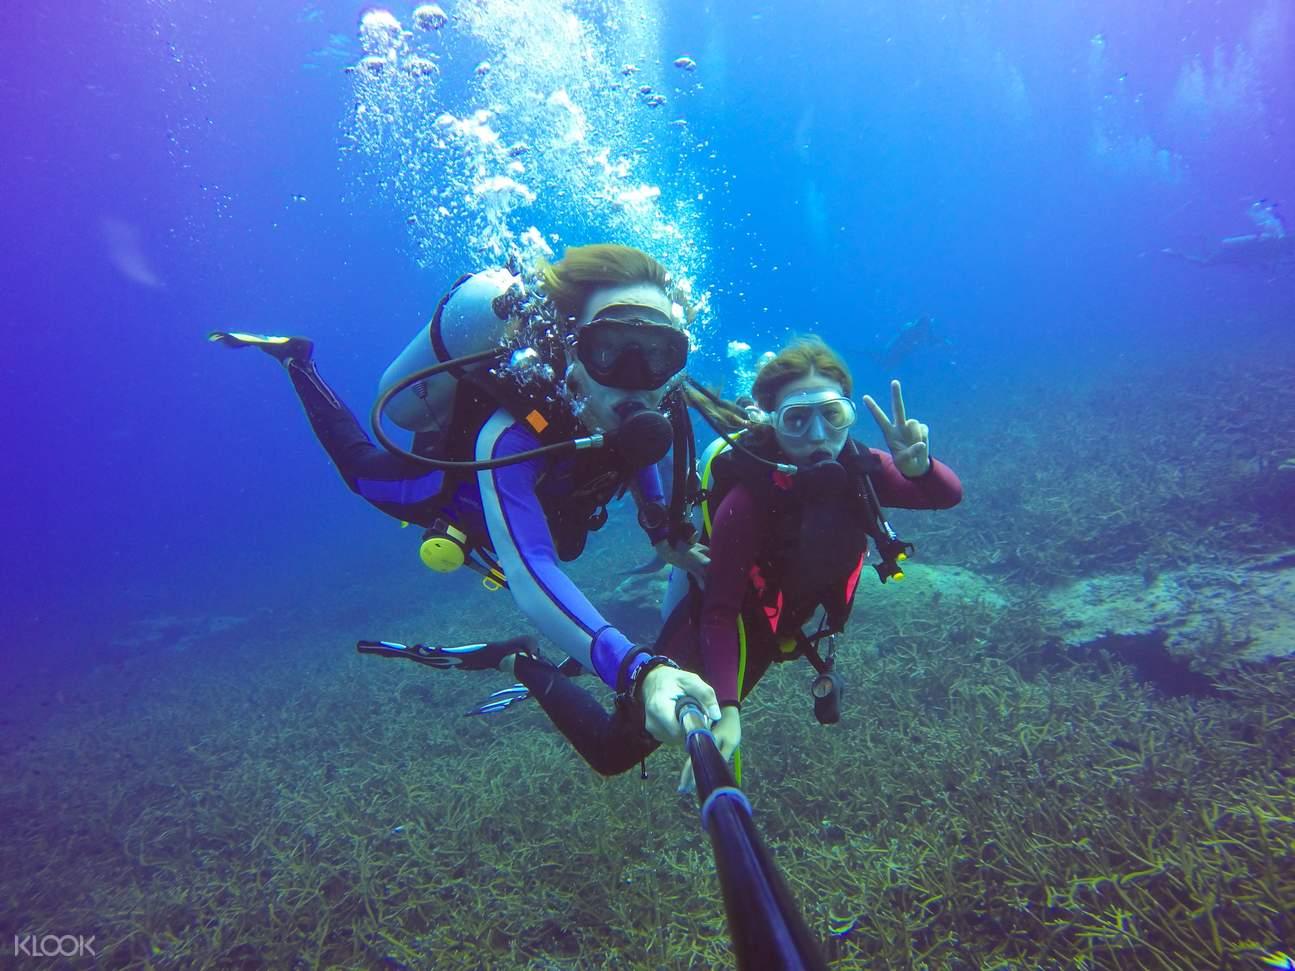 果阿潛水,果阿水肺潛水,果阿戶外活動